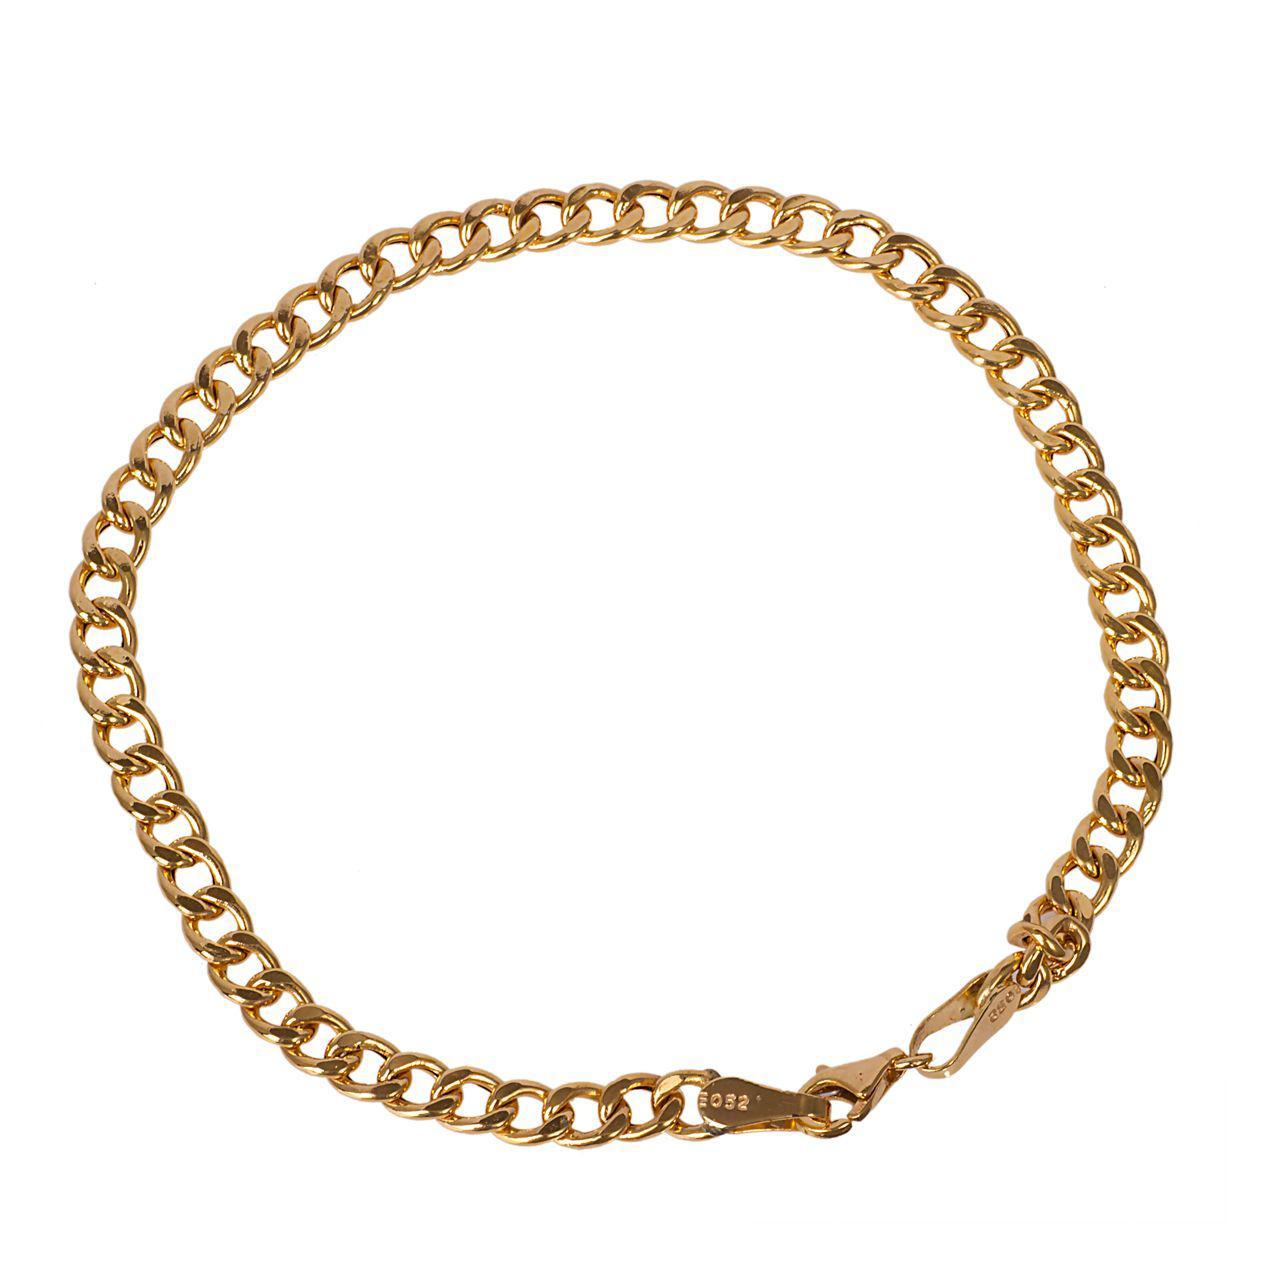 قیمت دستبند طلا 18 عیار گالری مرجان طرح کارتیه مدل 0857